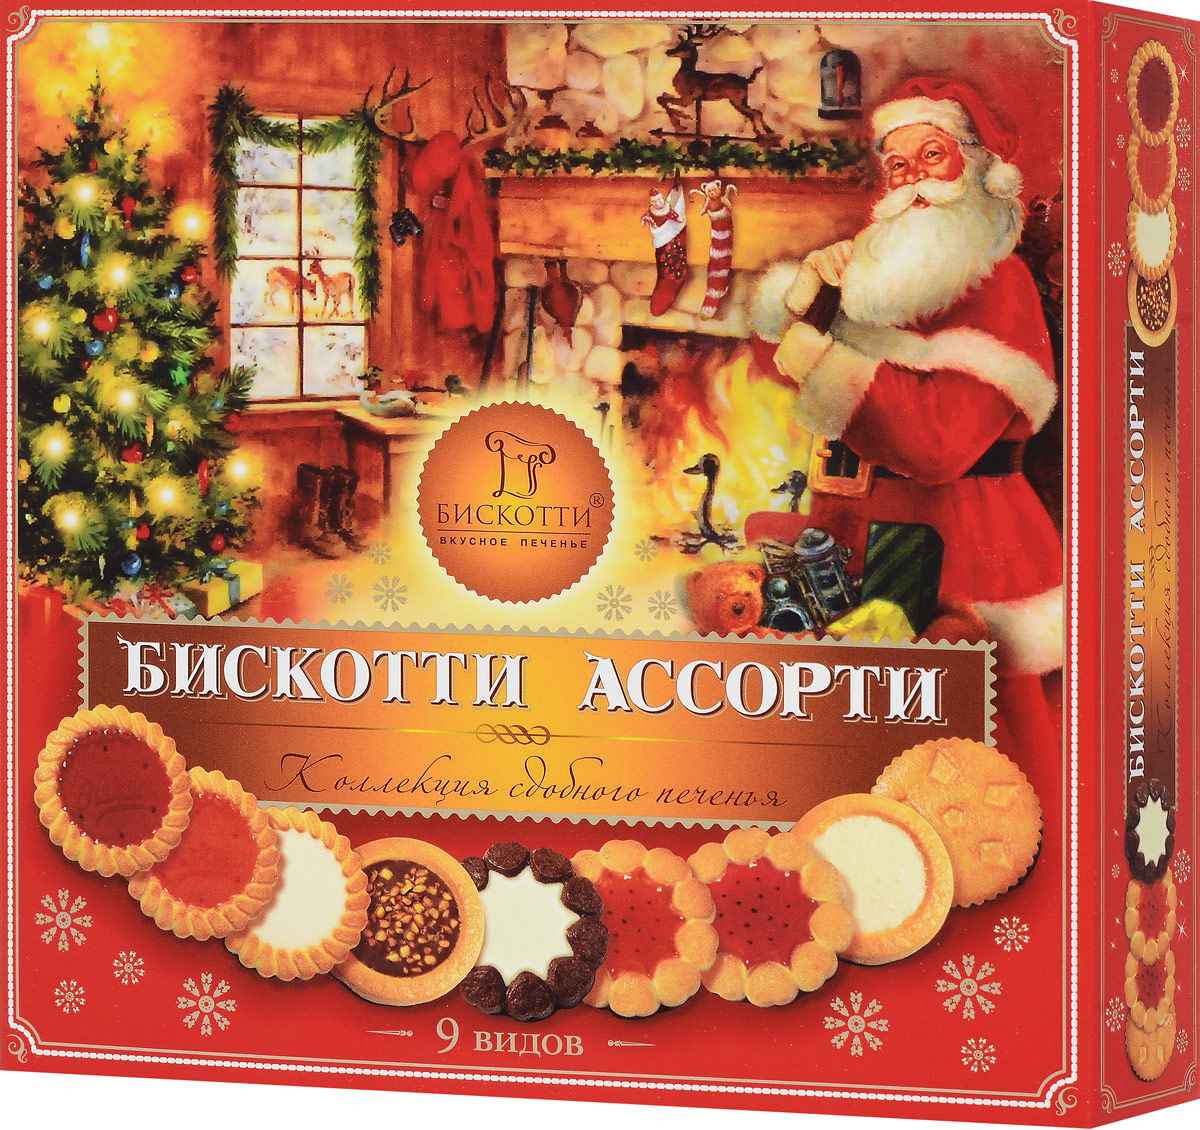 Бискотти Ассорти печенье сдобное, 345 г (9 видов)ищд205рНабор сдобного печенья Бискотти Ассорти из девяти видов печенья порадует всех любительниц сладкого. Продукция упакована в презентабельно оформленную коробочку. Идеальный подарочный вариант. В набор входит: - Бискотти с кремом - печенье сдобное с кремовой начинкой, глазированное; - Бискотти с орехом - печенье сдобное с шоколадно-ореховой начинкой, декорированное дробленым орехом, обжаренным в карамели, глазированное; - Бискотти с кокосом - печенье сдобное с кокосовой начинкой, декорированное мякотью кокосового ореха, глазированное; - Бискотти с вишневым мармеладом; - Бискотти с апельсиновым мармеладом; - Бискотти Шокко - печенье сдобное рассыпчатое, глазированное; - Бискотти Ноттэ - печенье сдобное с кремовой начинкой, шоколадное тесто, глазированное.Уважаемые клиенты! Обращаем ваше внимание на то, что упаковка может иметь несколько видов дизайна. Поставка осуществляется в зависимости от наличия на складе.